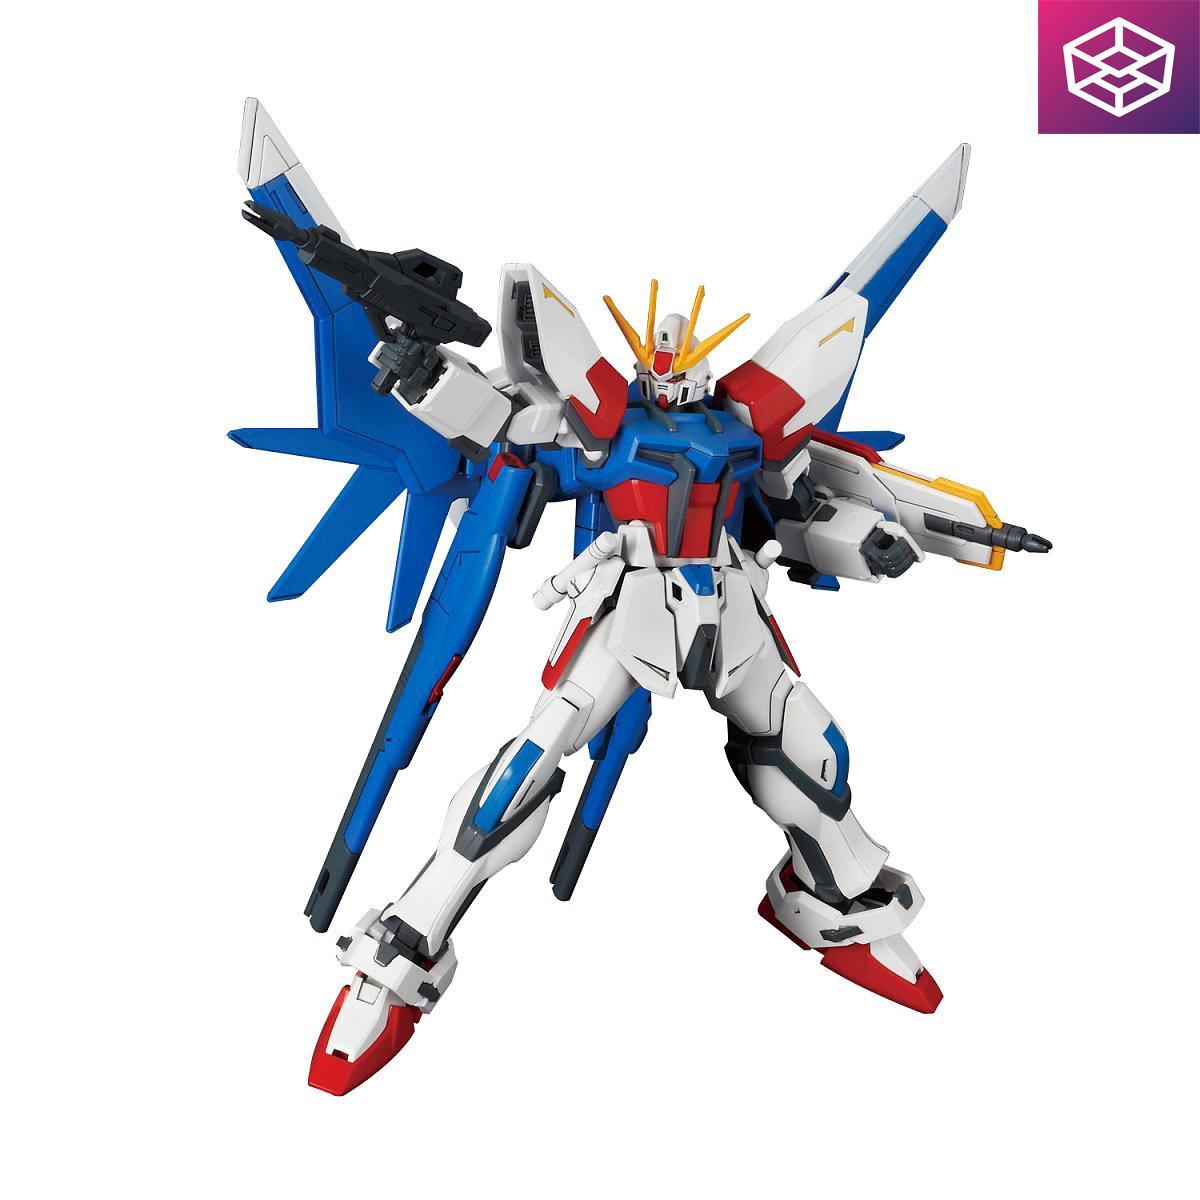 Mô Hình Lắp Ráp Gundam Hgbf Build Strike Full Package [3gd] By Box8.